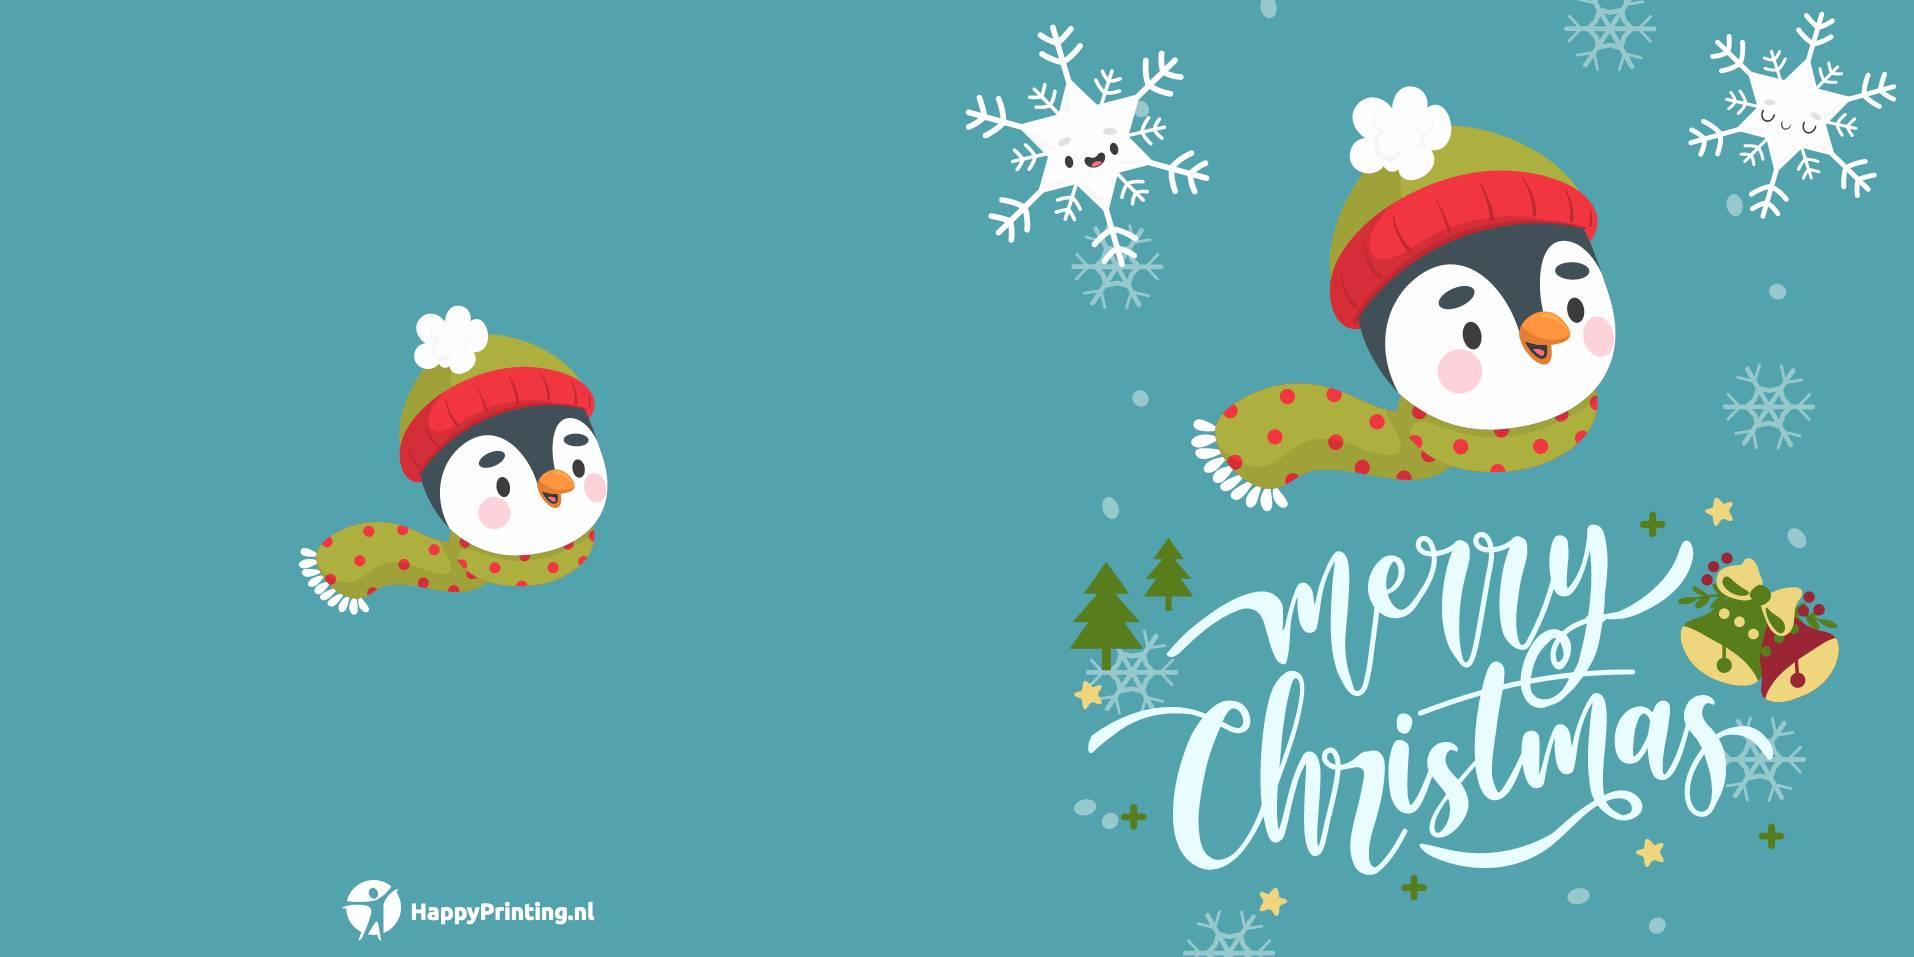 Persoonlijk _ Kerst 021 _ P